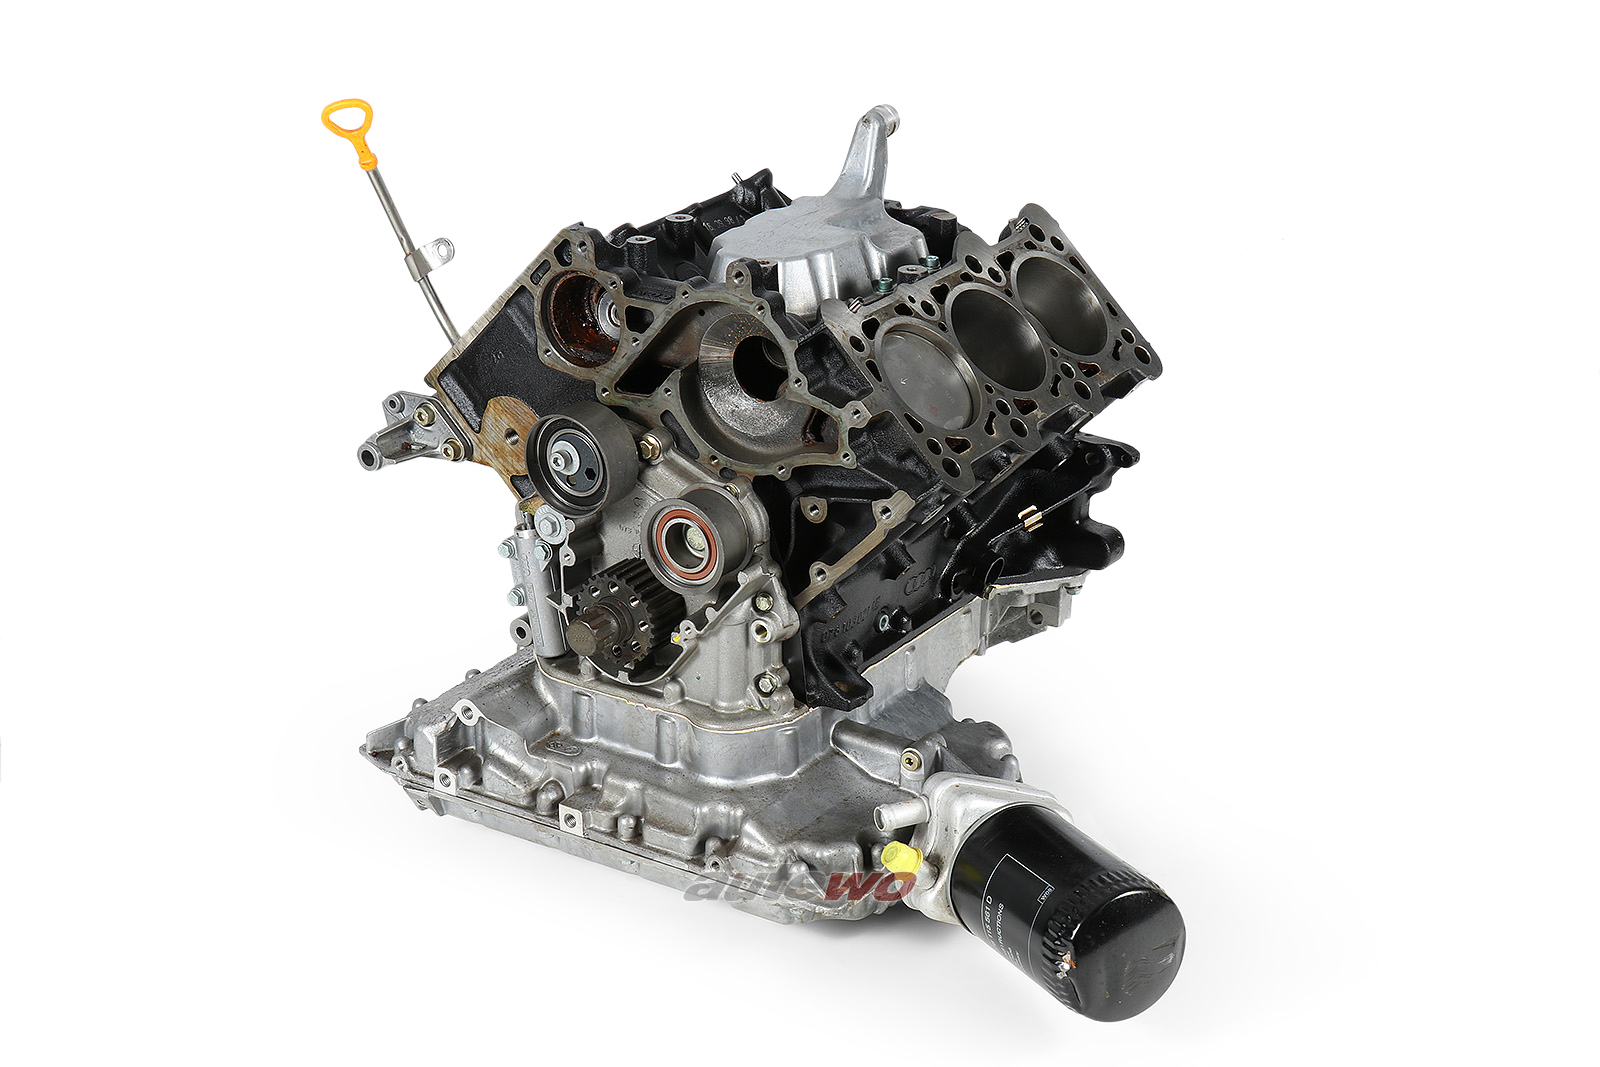 078103101BB NEU Audi A4 B5/A6 4B/A8 D2 2.8l V6 ALG Motor ACK/ALG/AGE/APR/AQD/ATX